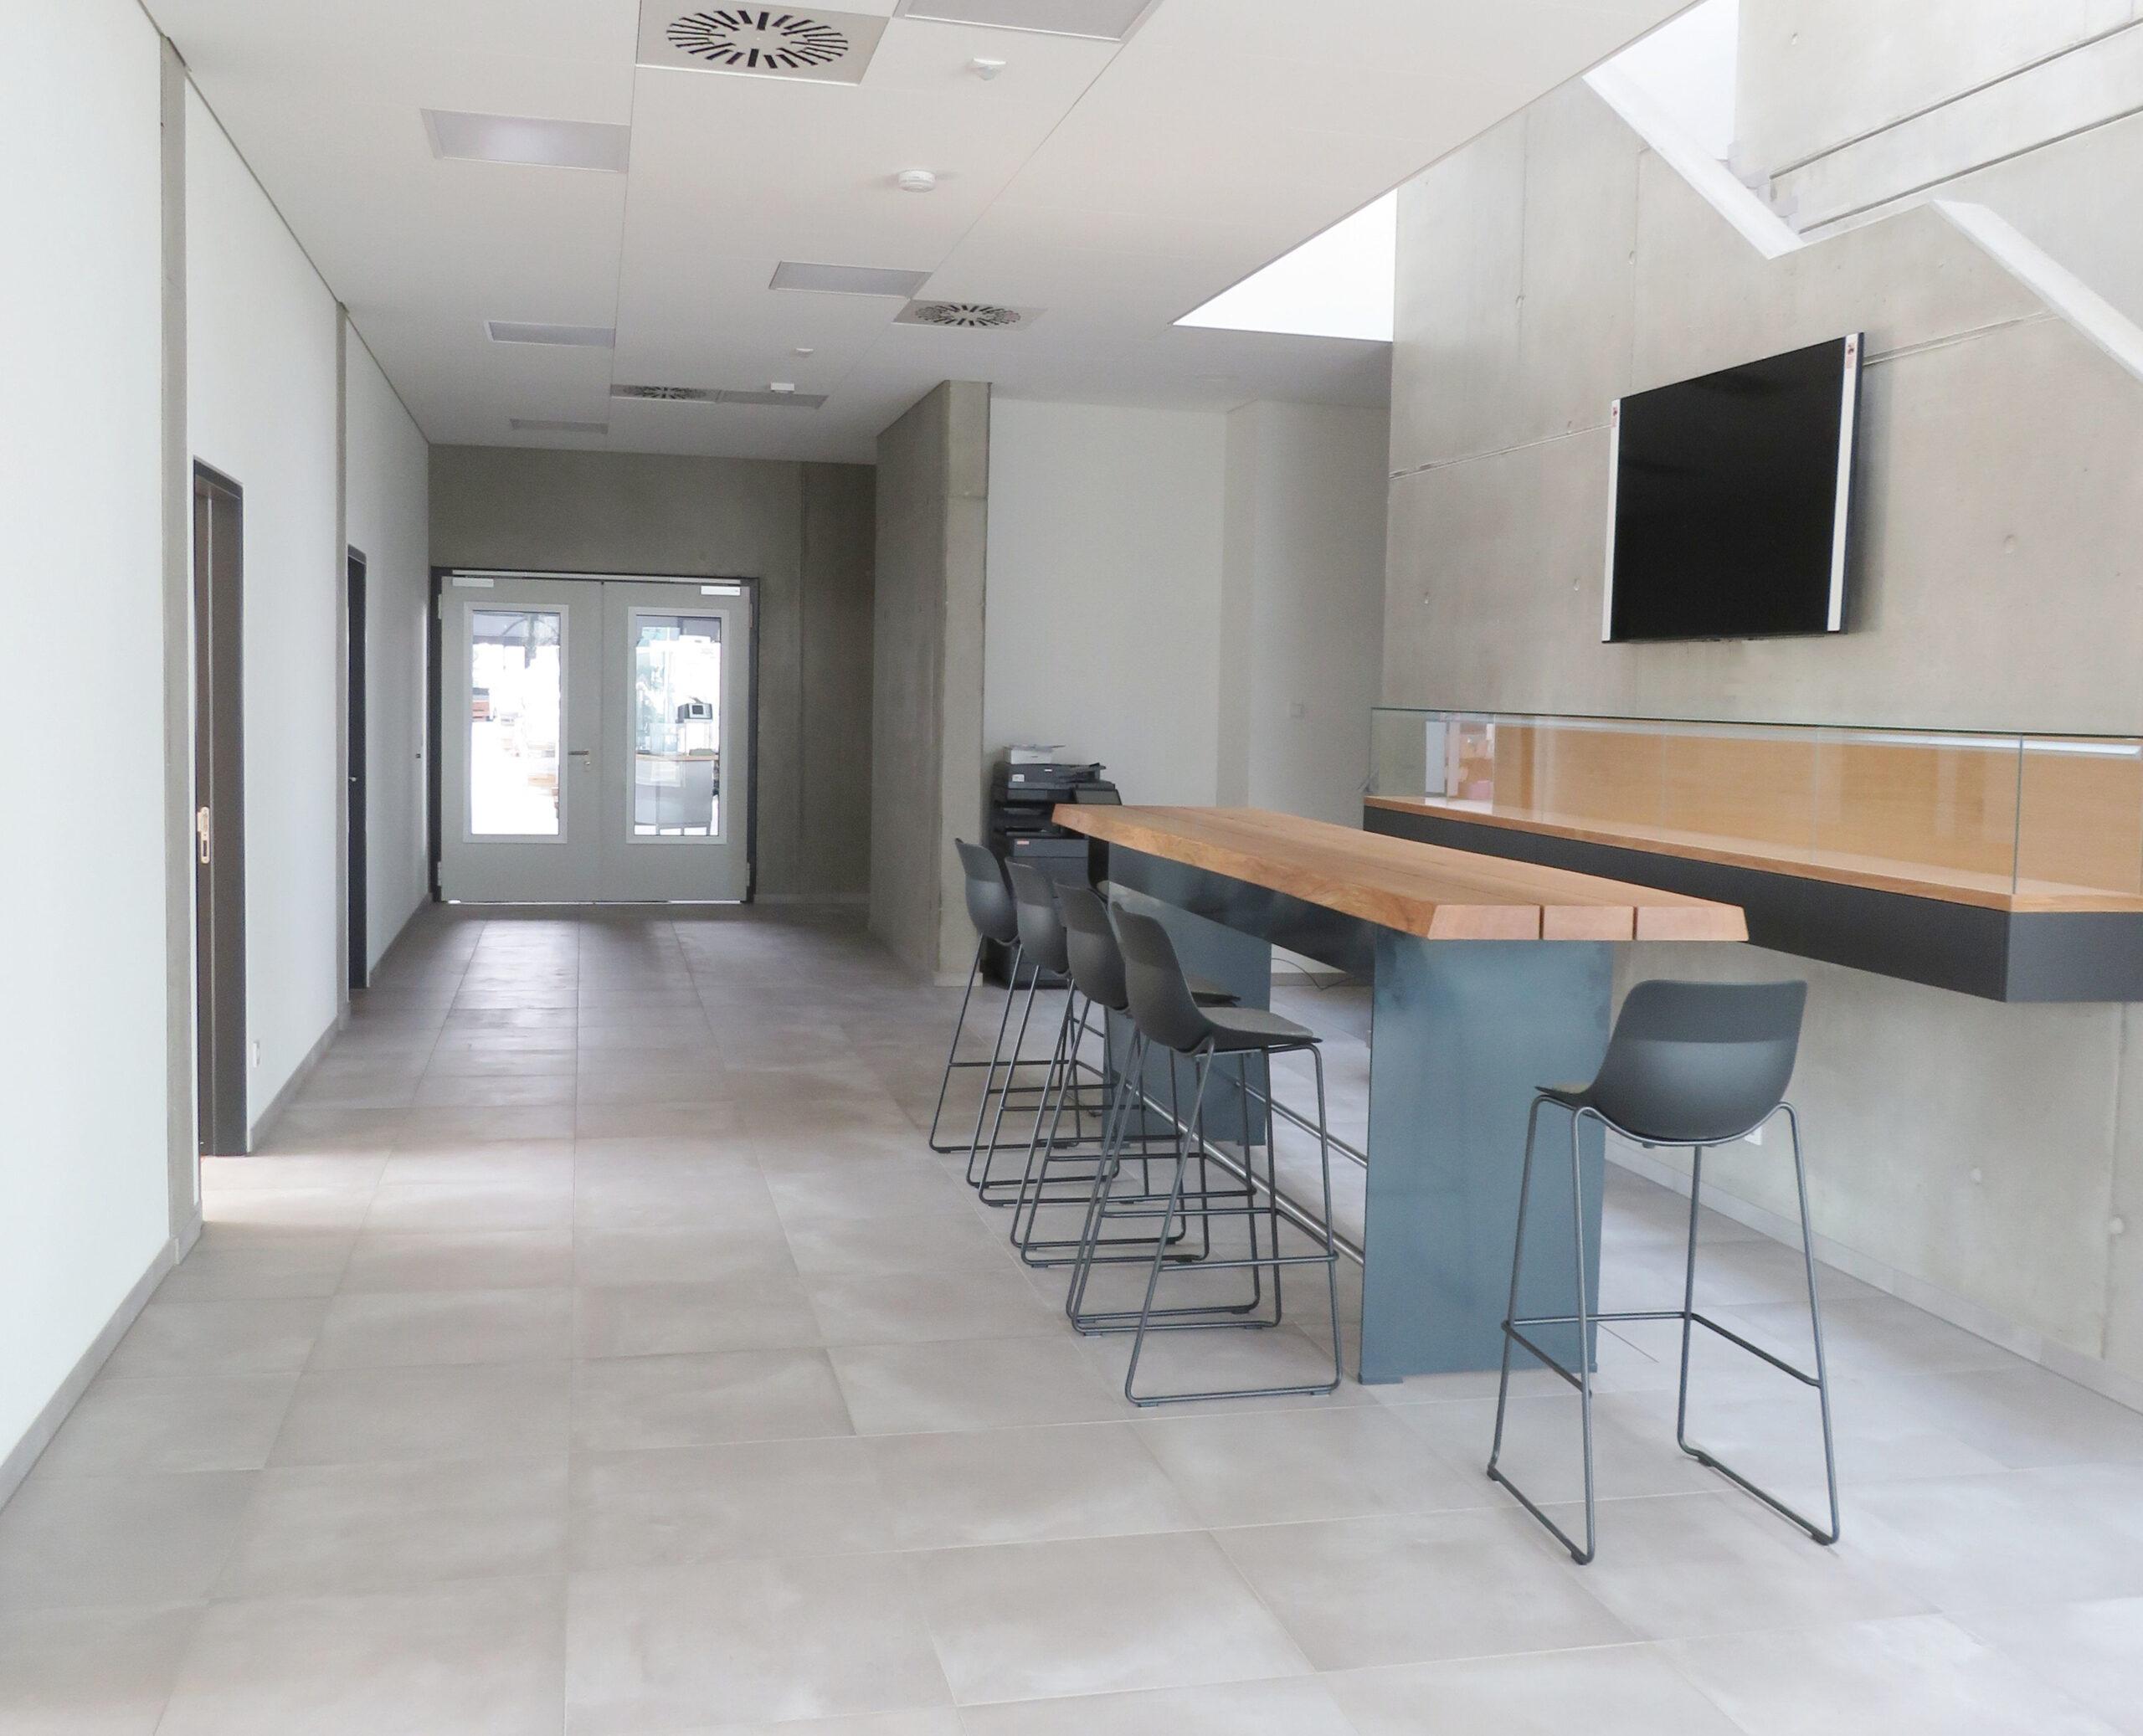 Kundenzentrum - Foyer1